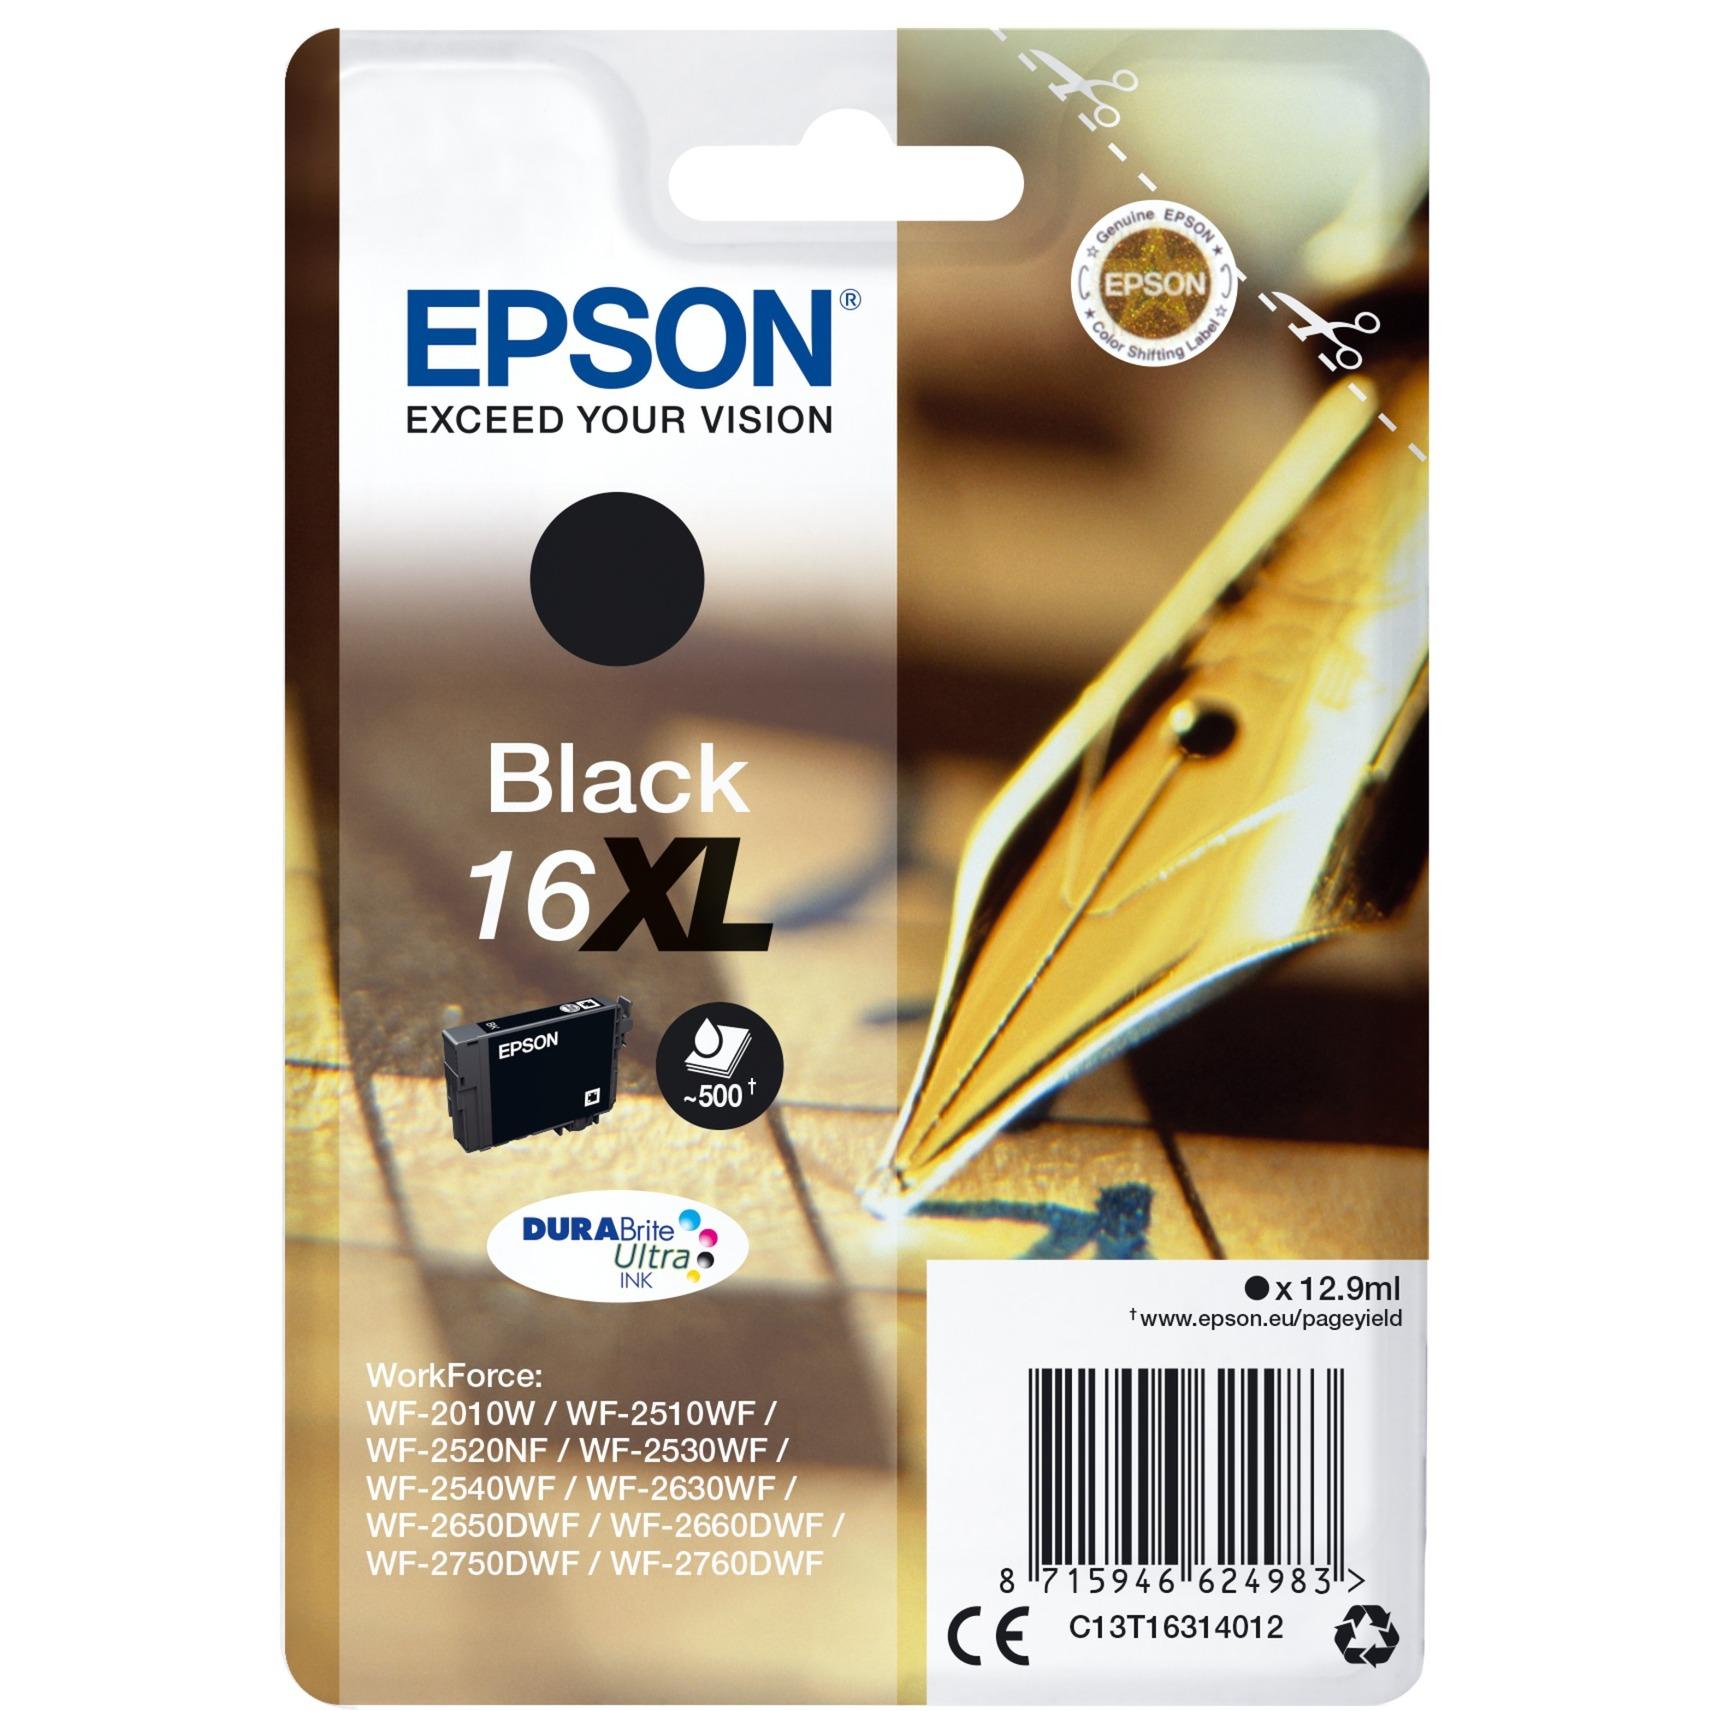 C13T16314012 12.9ml 500páginas Negro cartucho de tinta